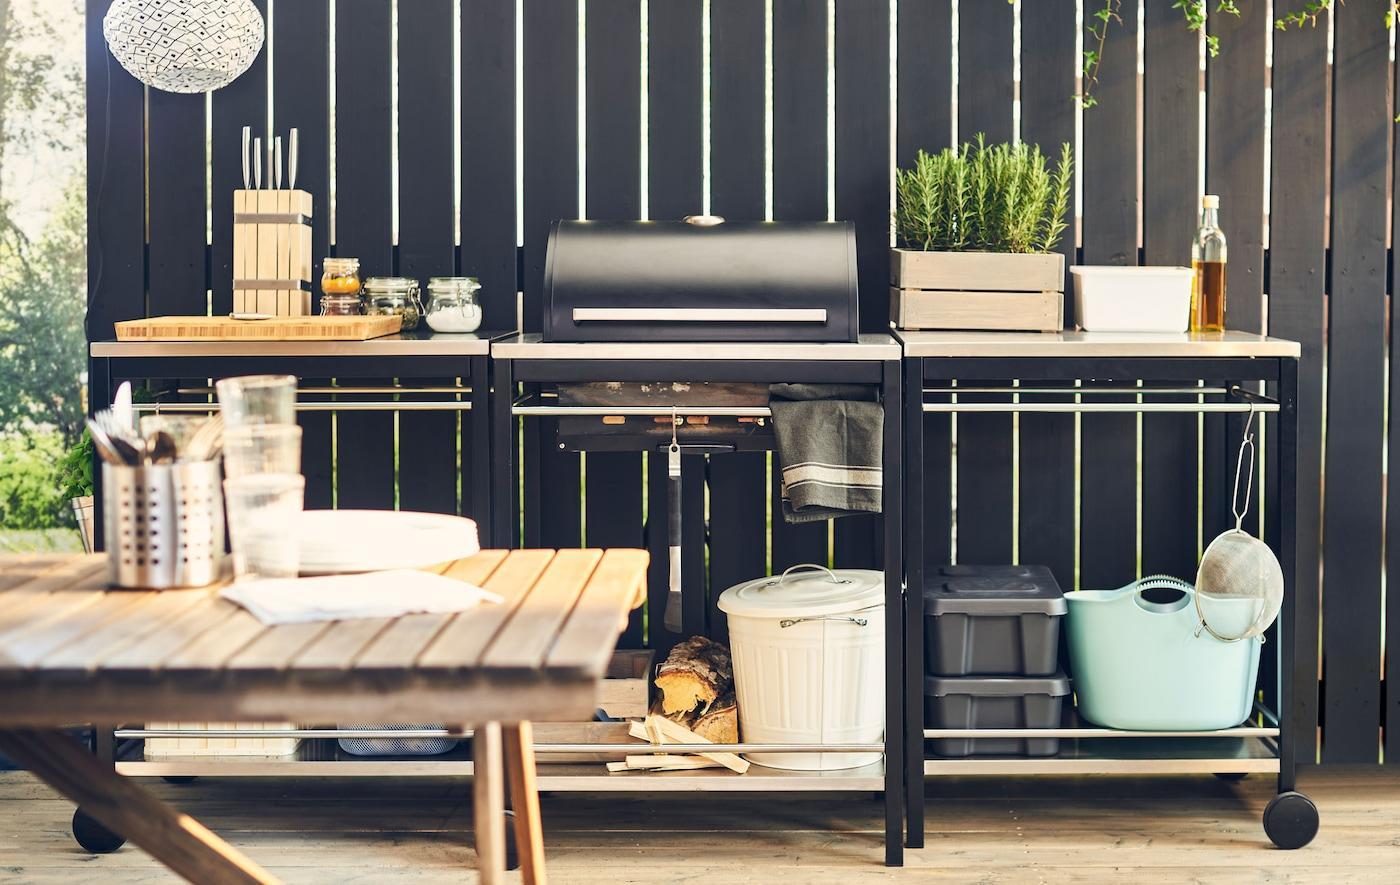 Edelstahl Outdoor Küche Ikea